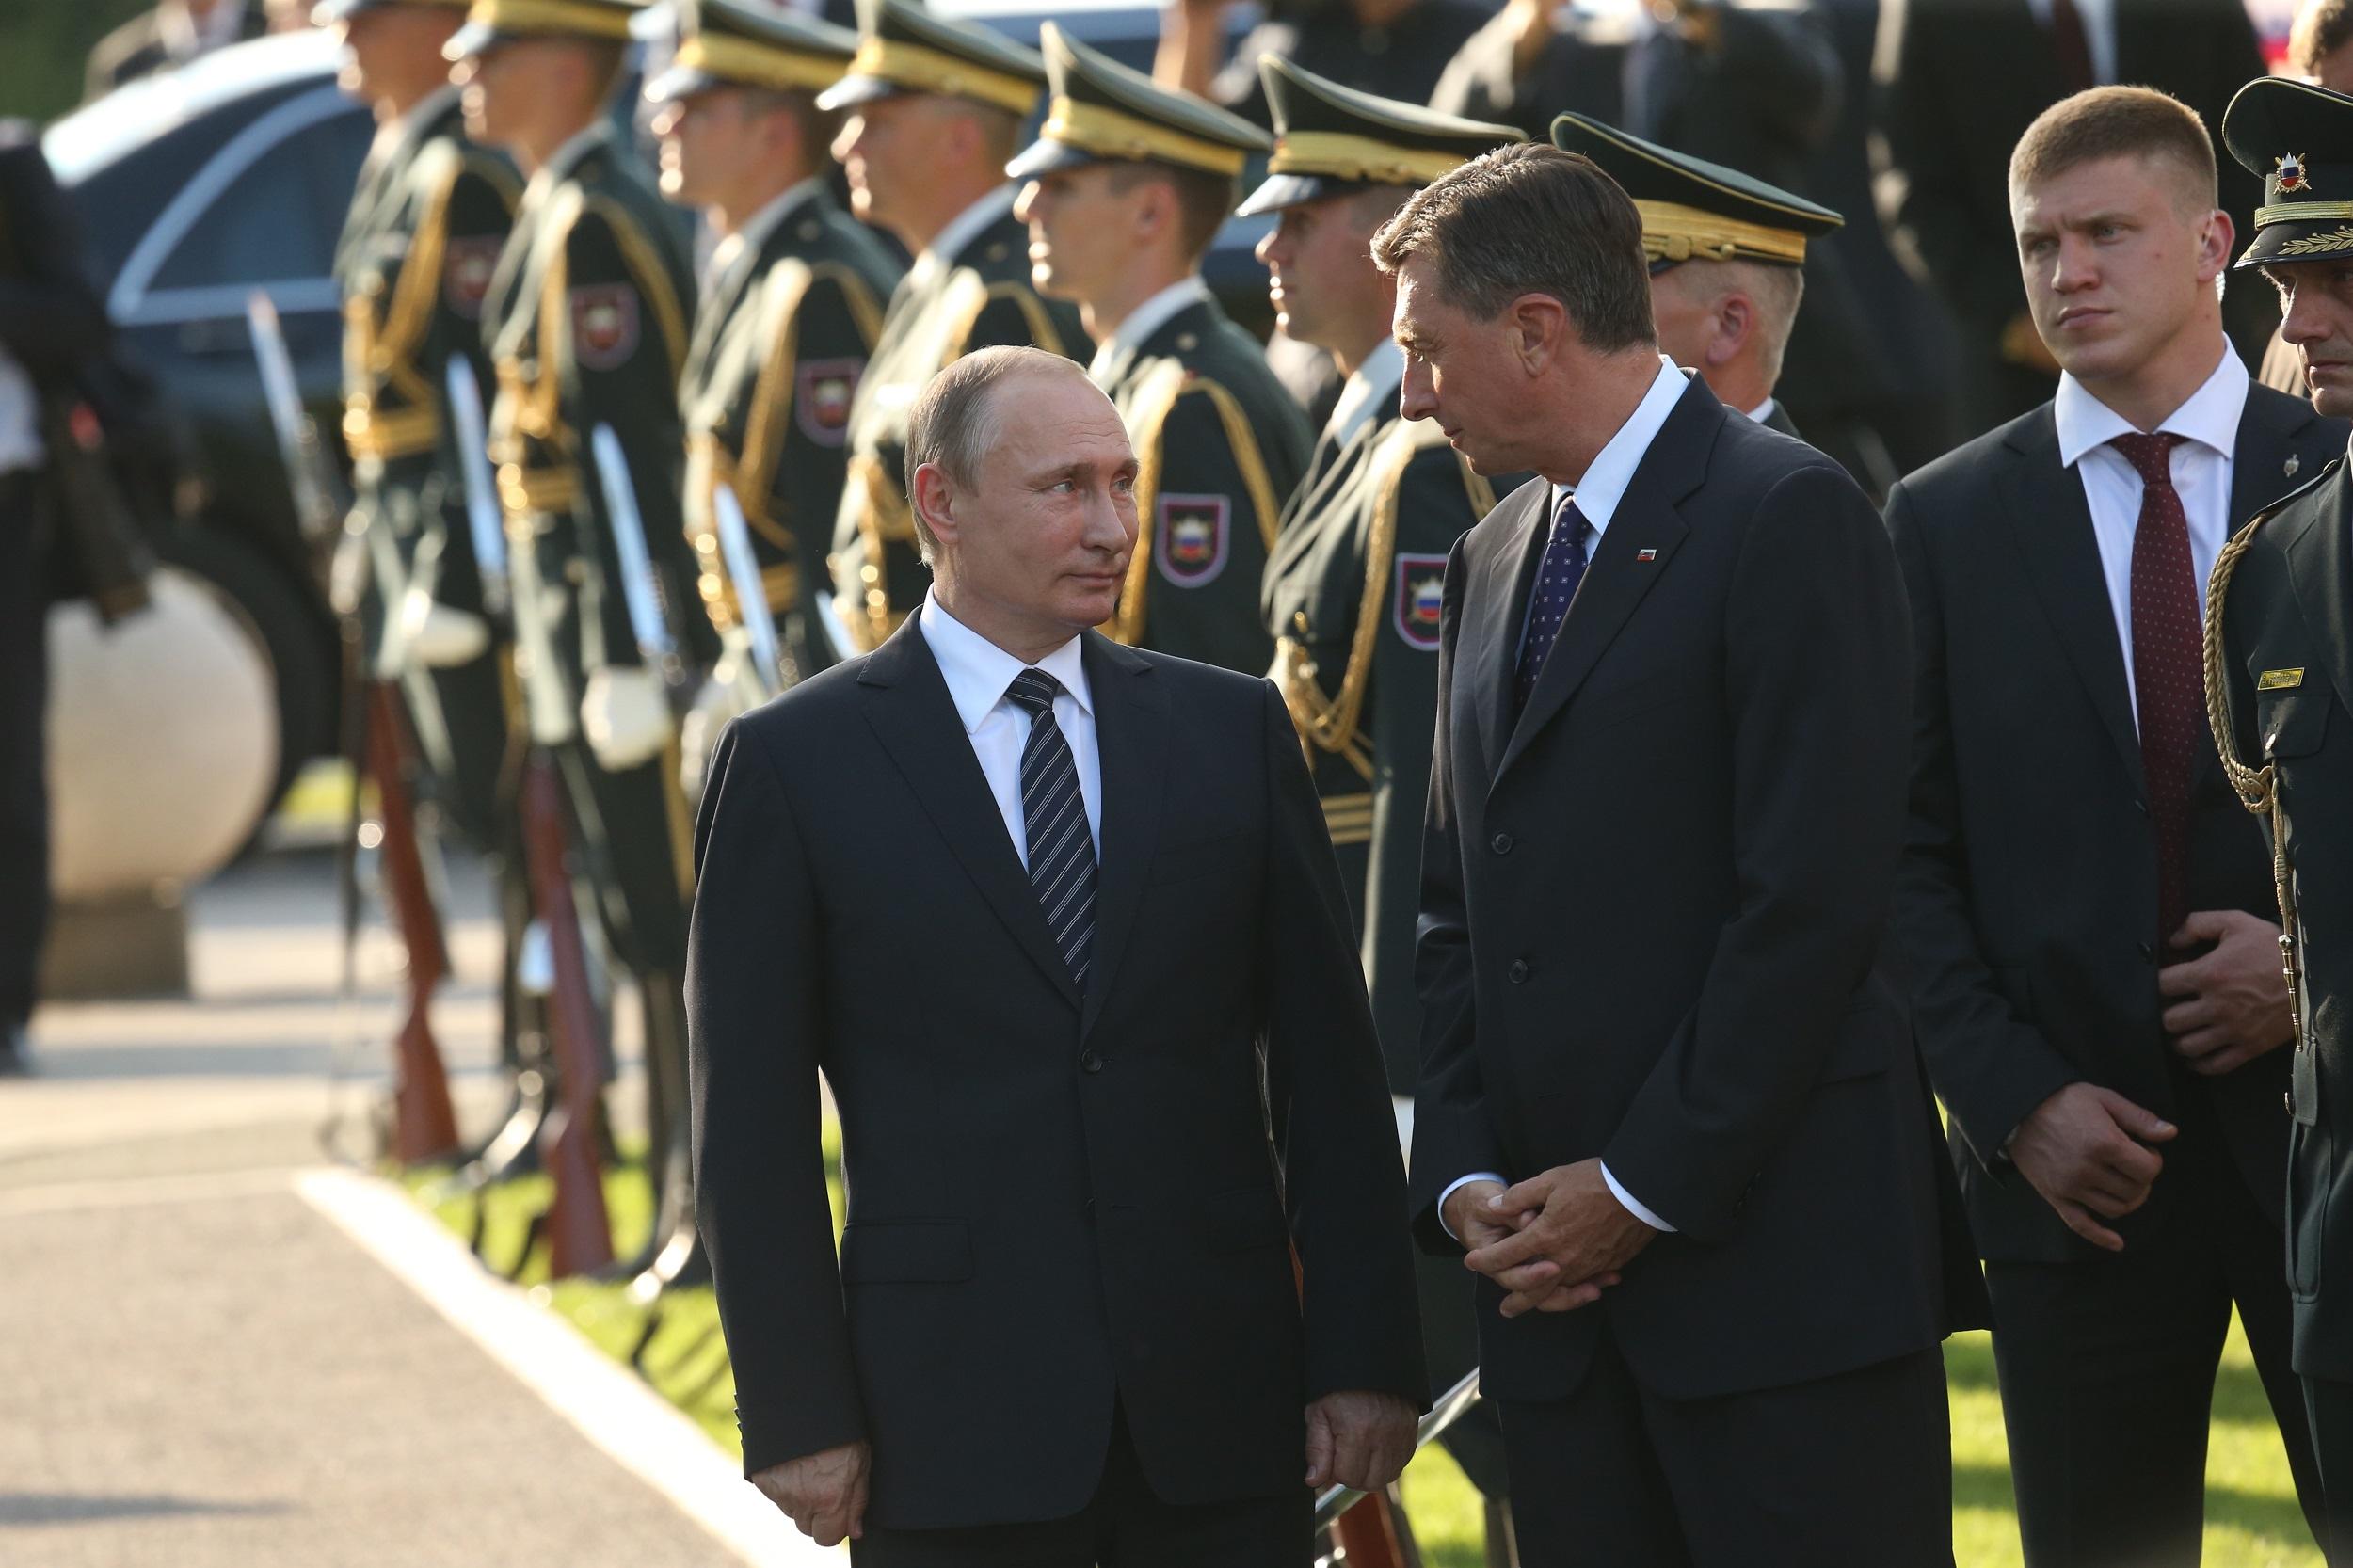 Ruski predsednik Vladimir Putin se je zahvalil za iskreno željo, da se gradijo trdi temelji evropske enotnosti.